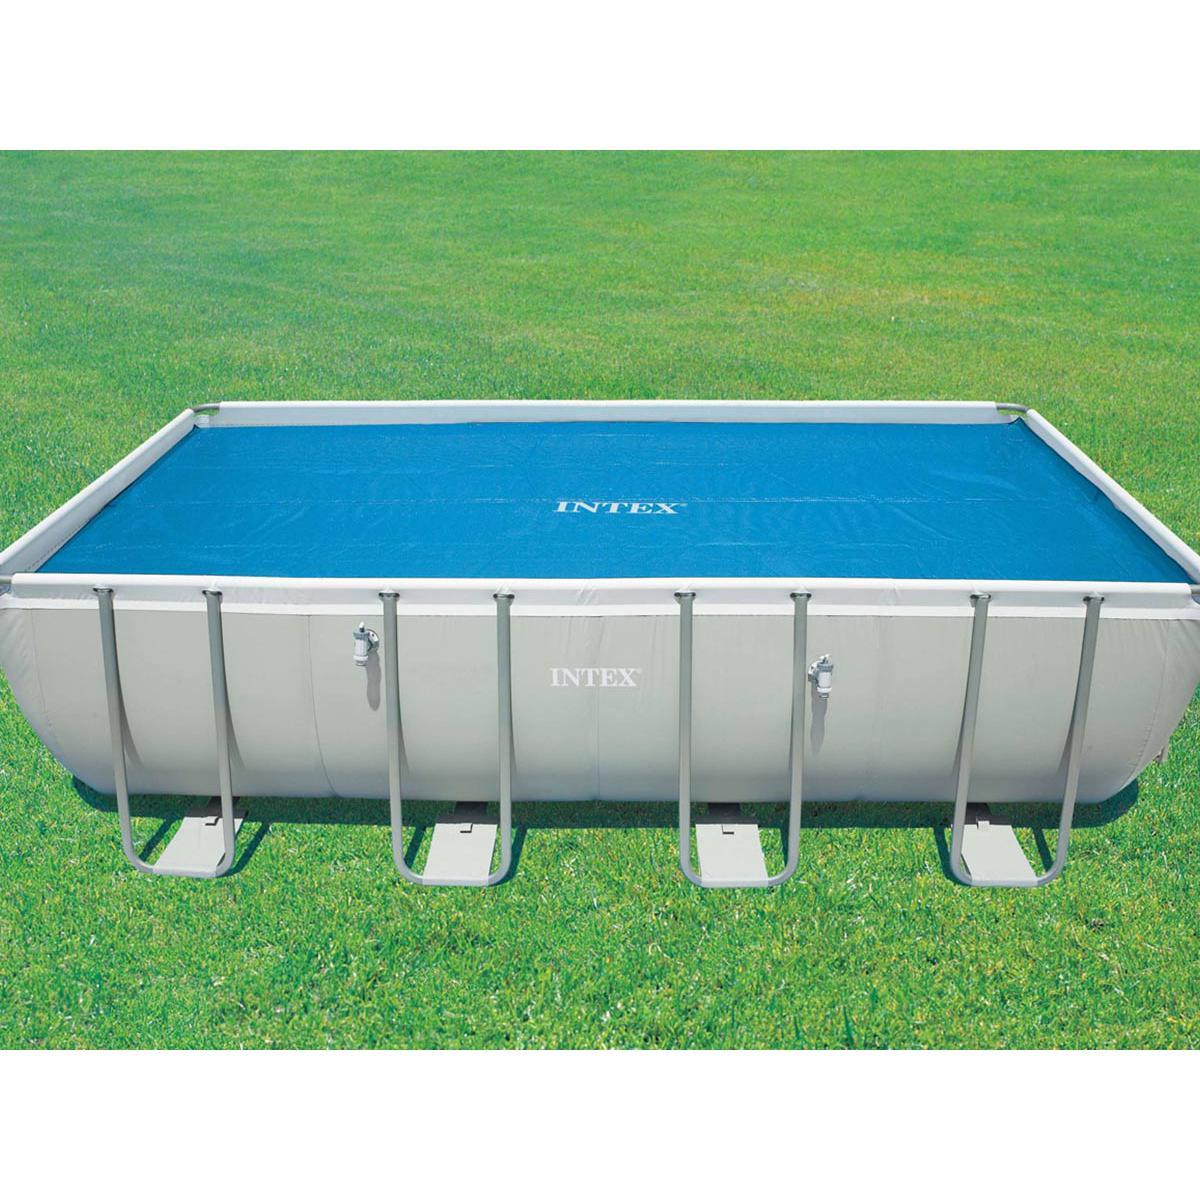 Intex Bâche à bulles pour piscine tubulaire rectangulaire 5,49 x 2,74 m - Intex